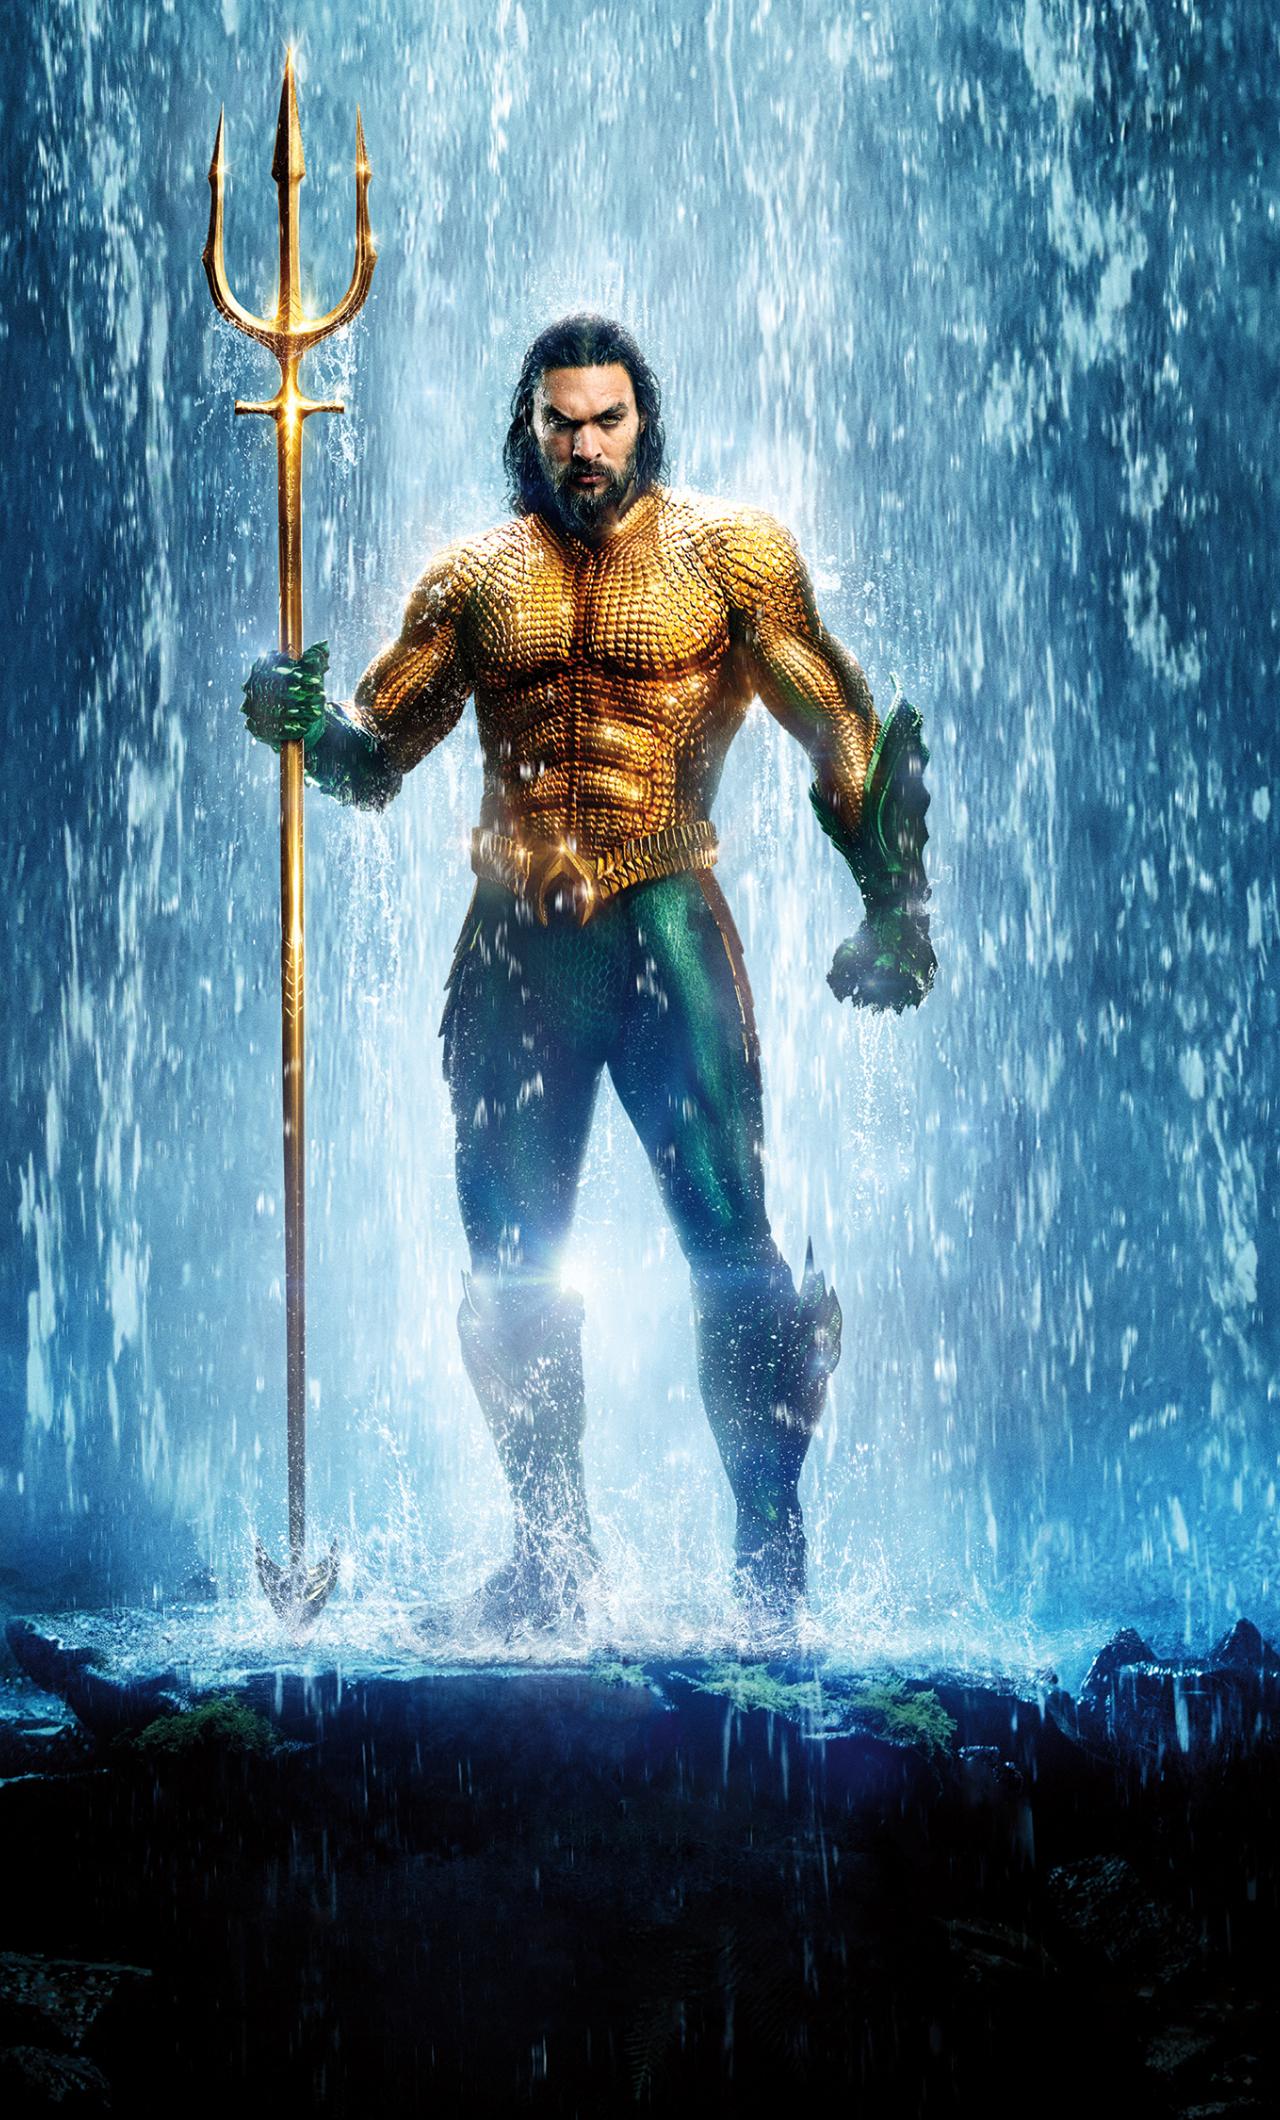 Download 1280x2120 Wallpaper Aquaman Jason Momoa Poster 2018